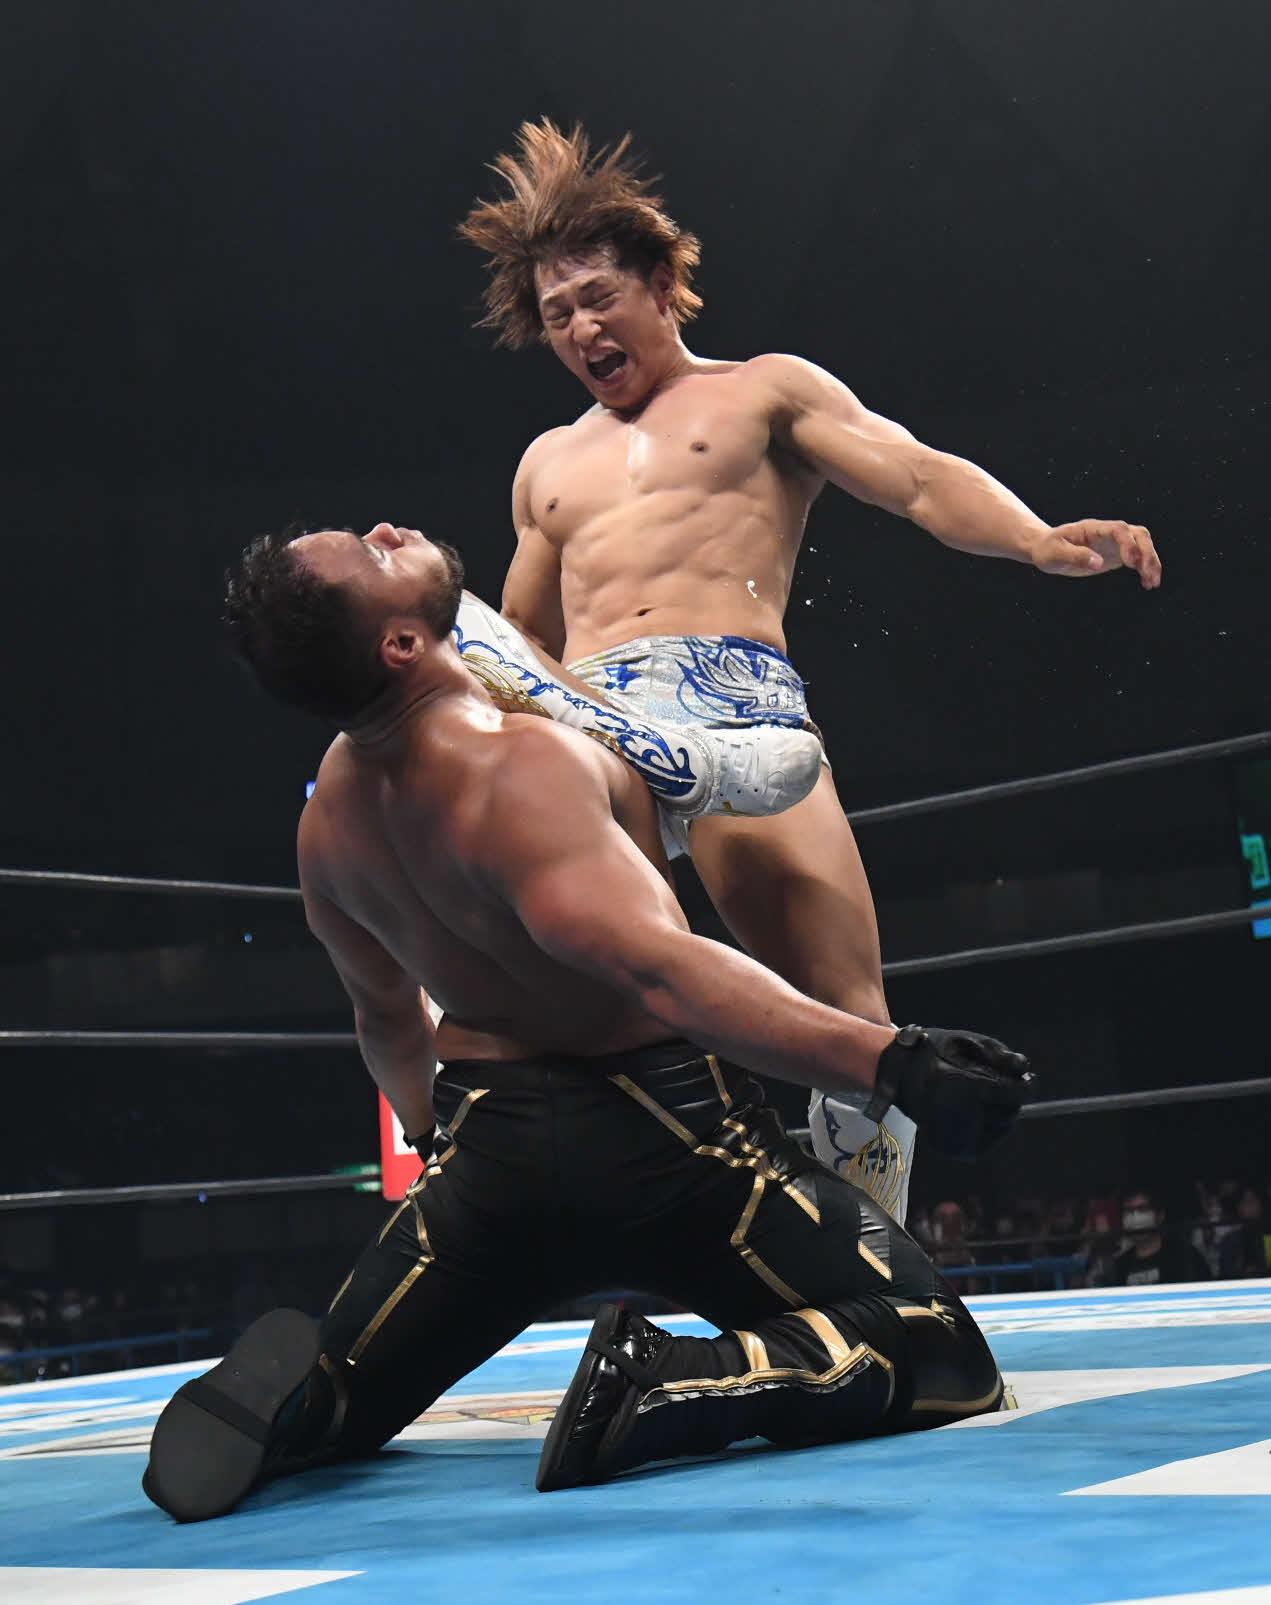 新日本プロレス鹿児島大会 アーロン・ヘナーレにカミゴェをさく裂させる飯伏幸太(新日本プロレス提供)